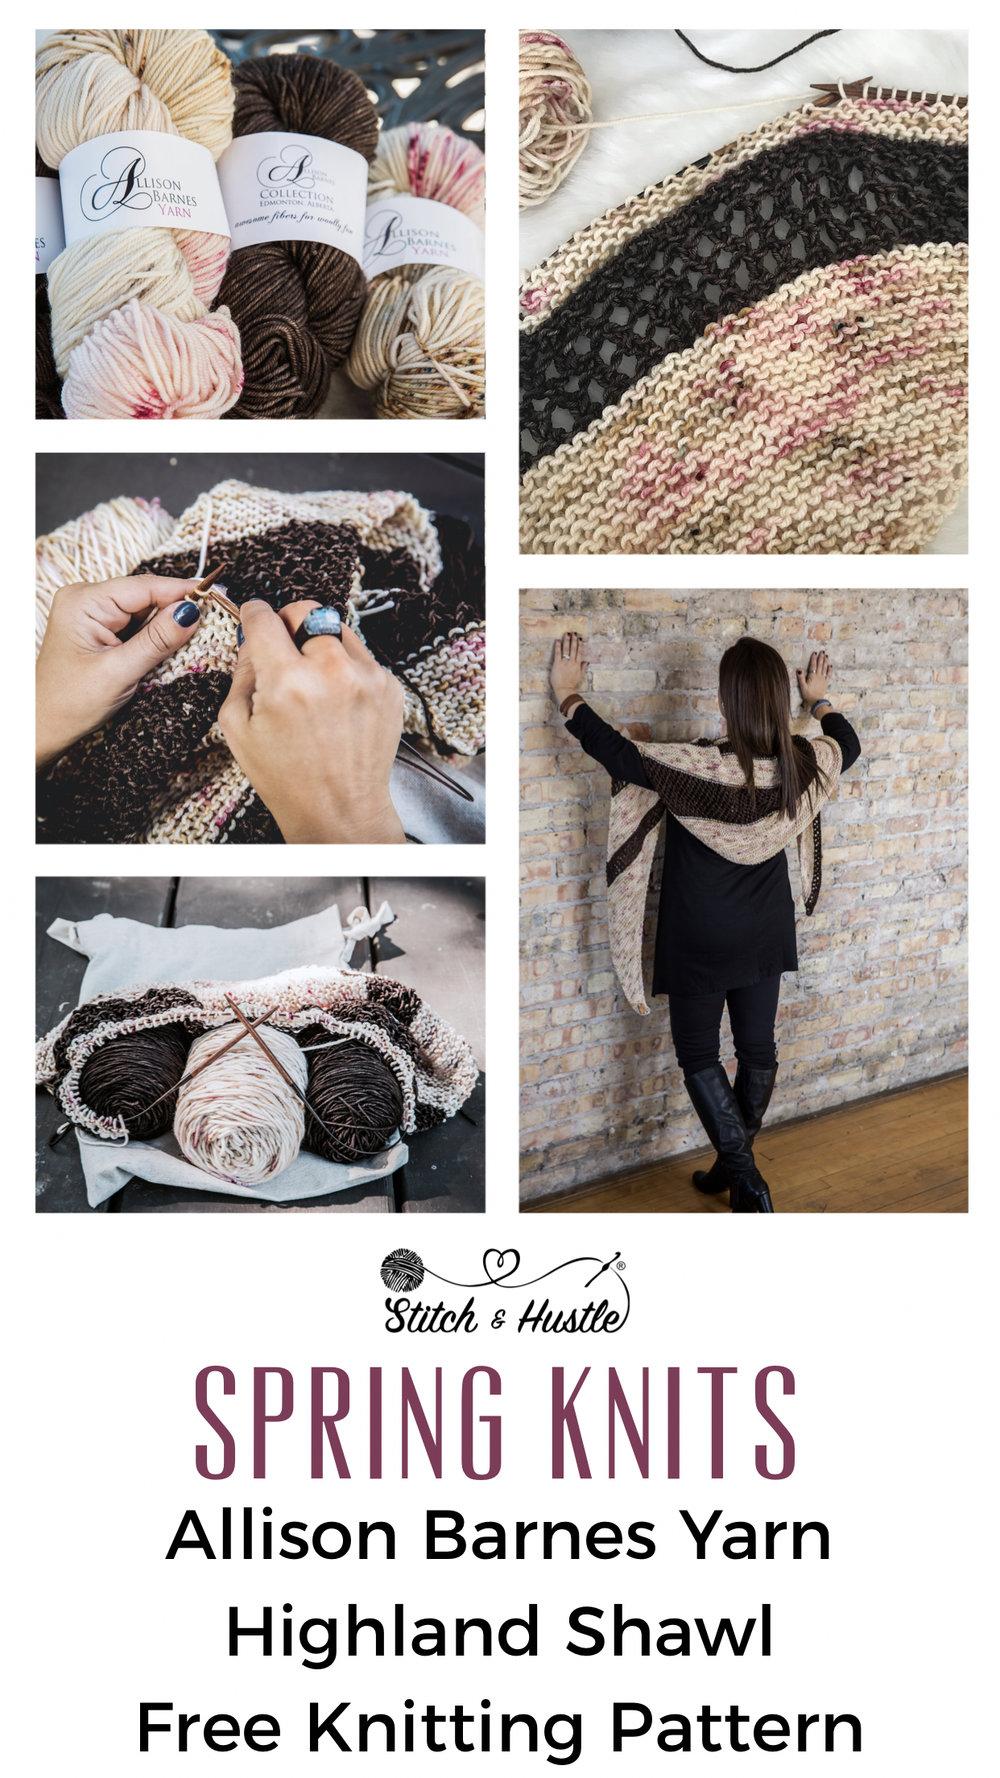 Highland_Knit_Lace_Shawl_Free_Knitting_Pattern_1a.jpg